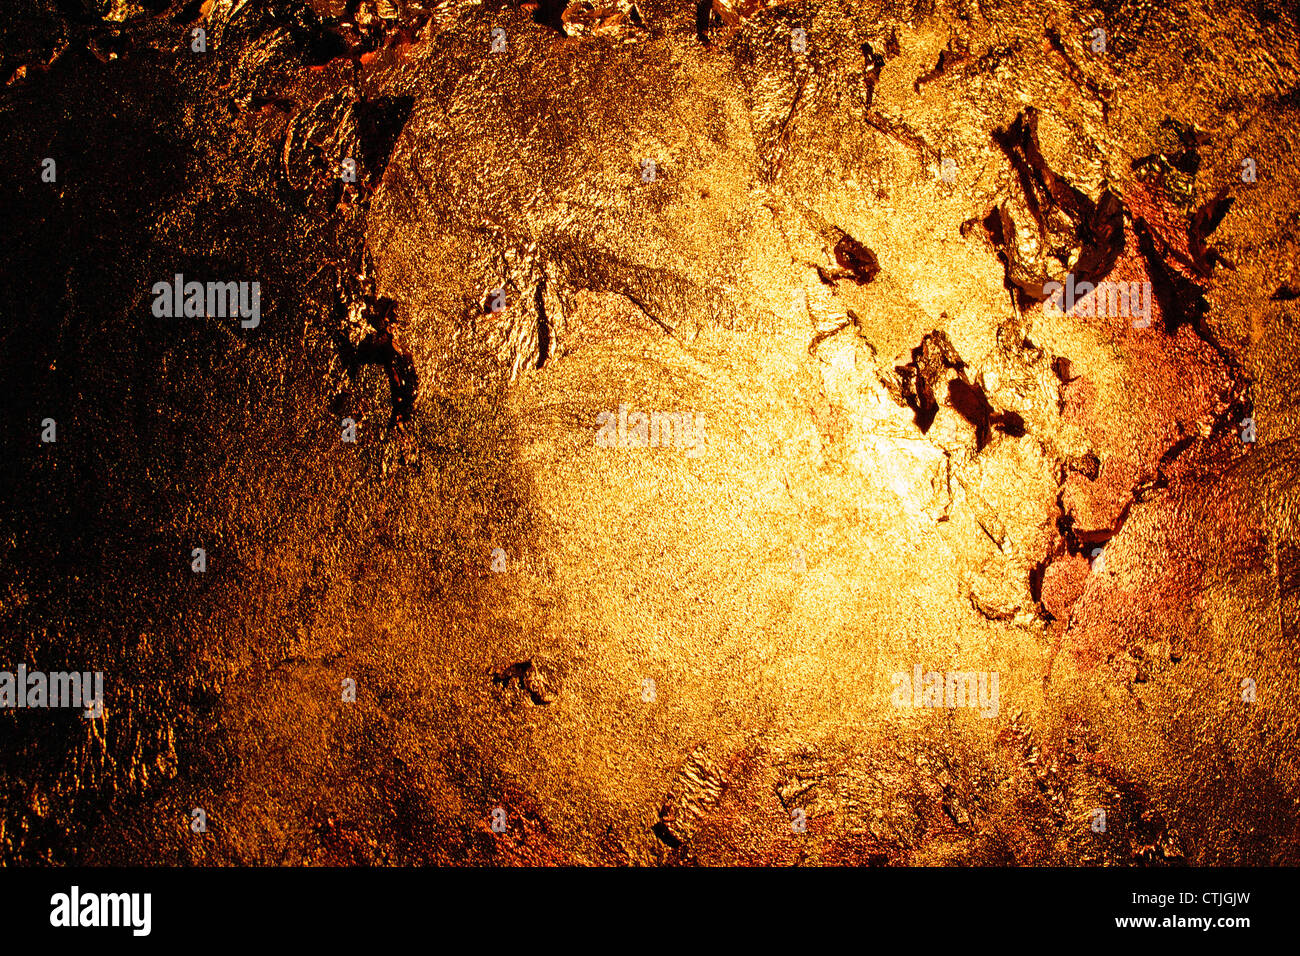 Eine Wand gemalt von gold, realistische gold Textur. Stockbild